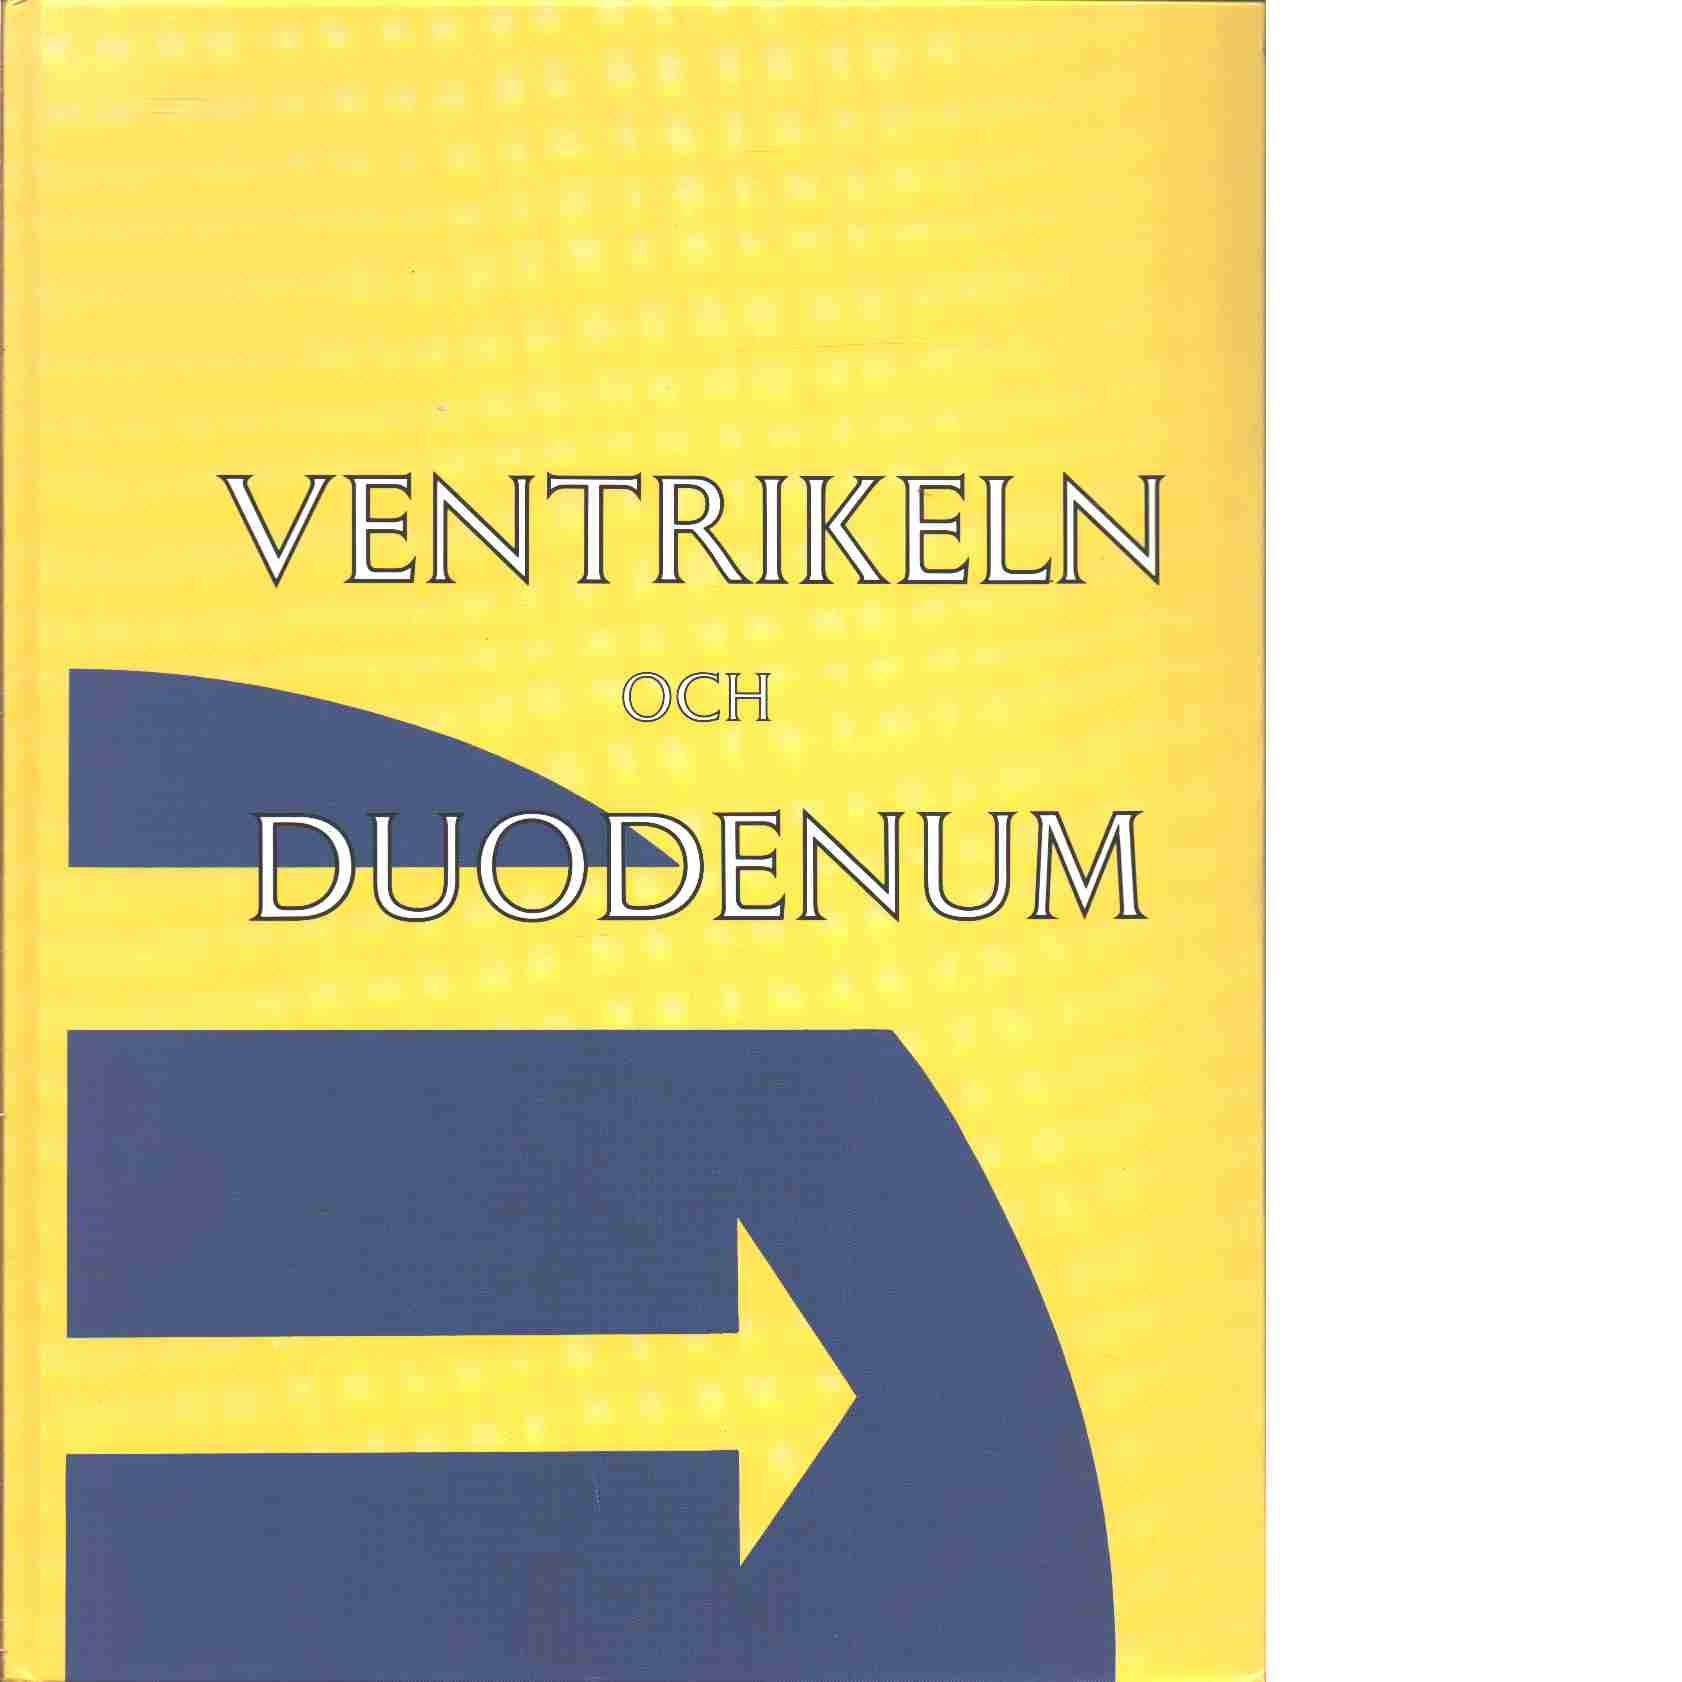 Ventrikeln och duodenum - Seensalu, Rein